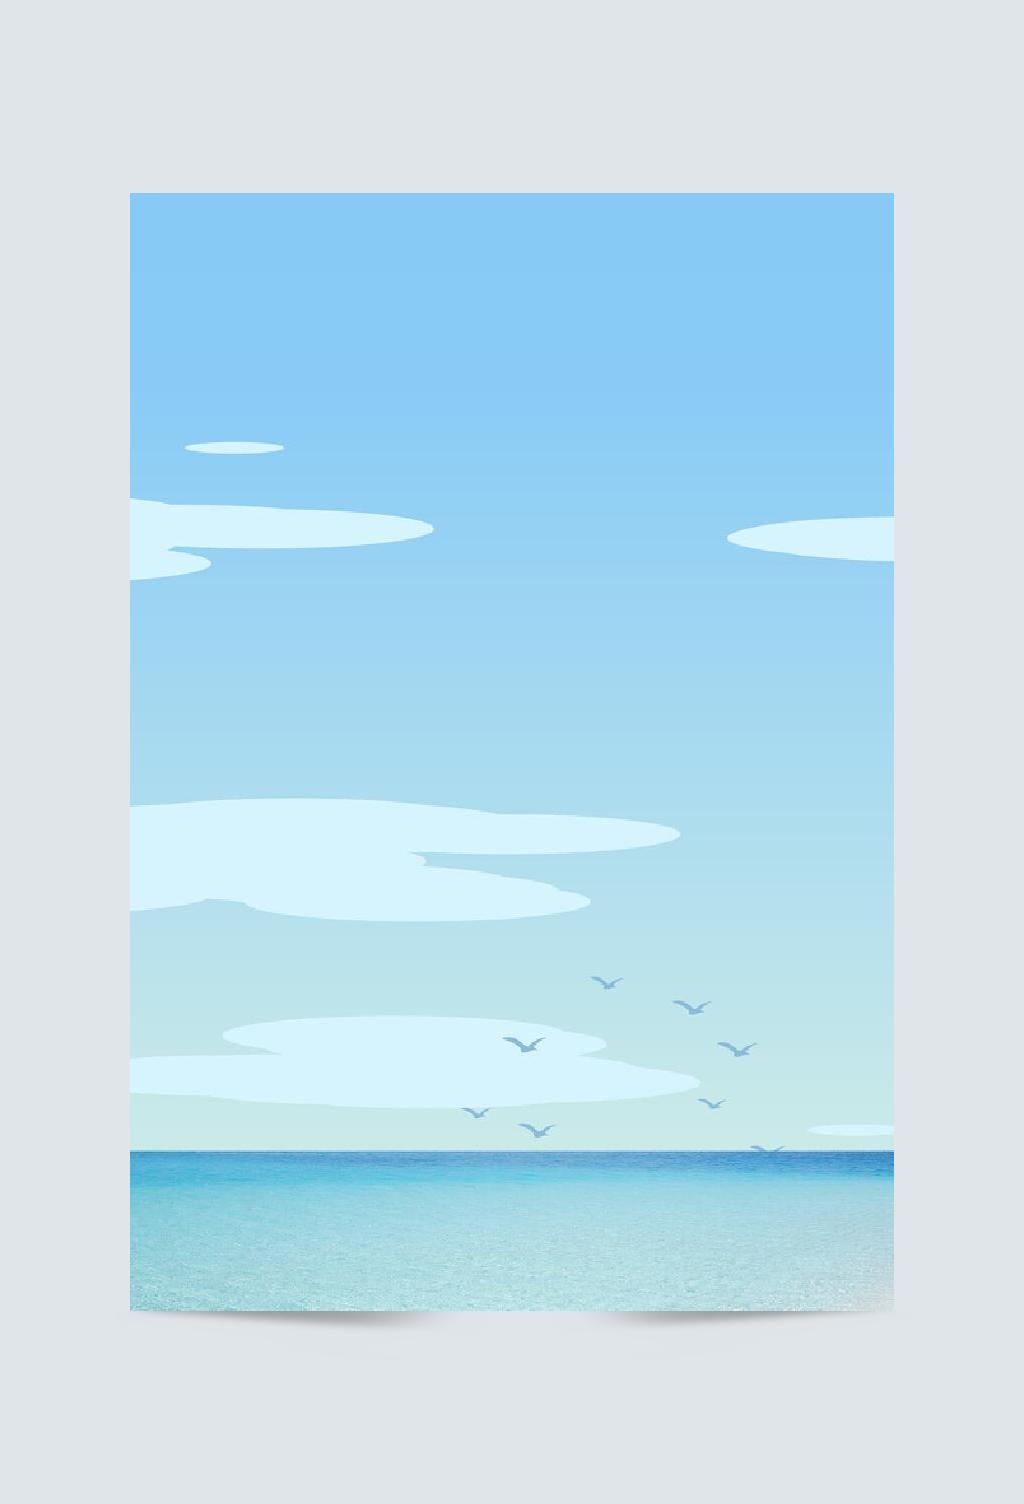 大海卡通蓝色系海报设计背景图